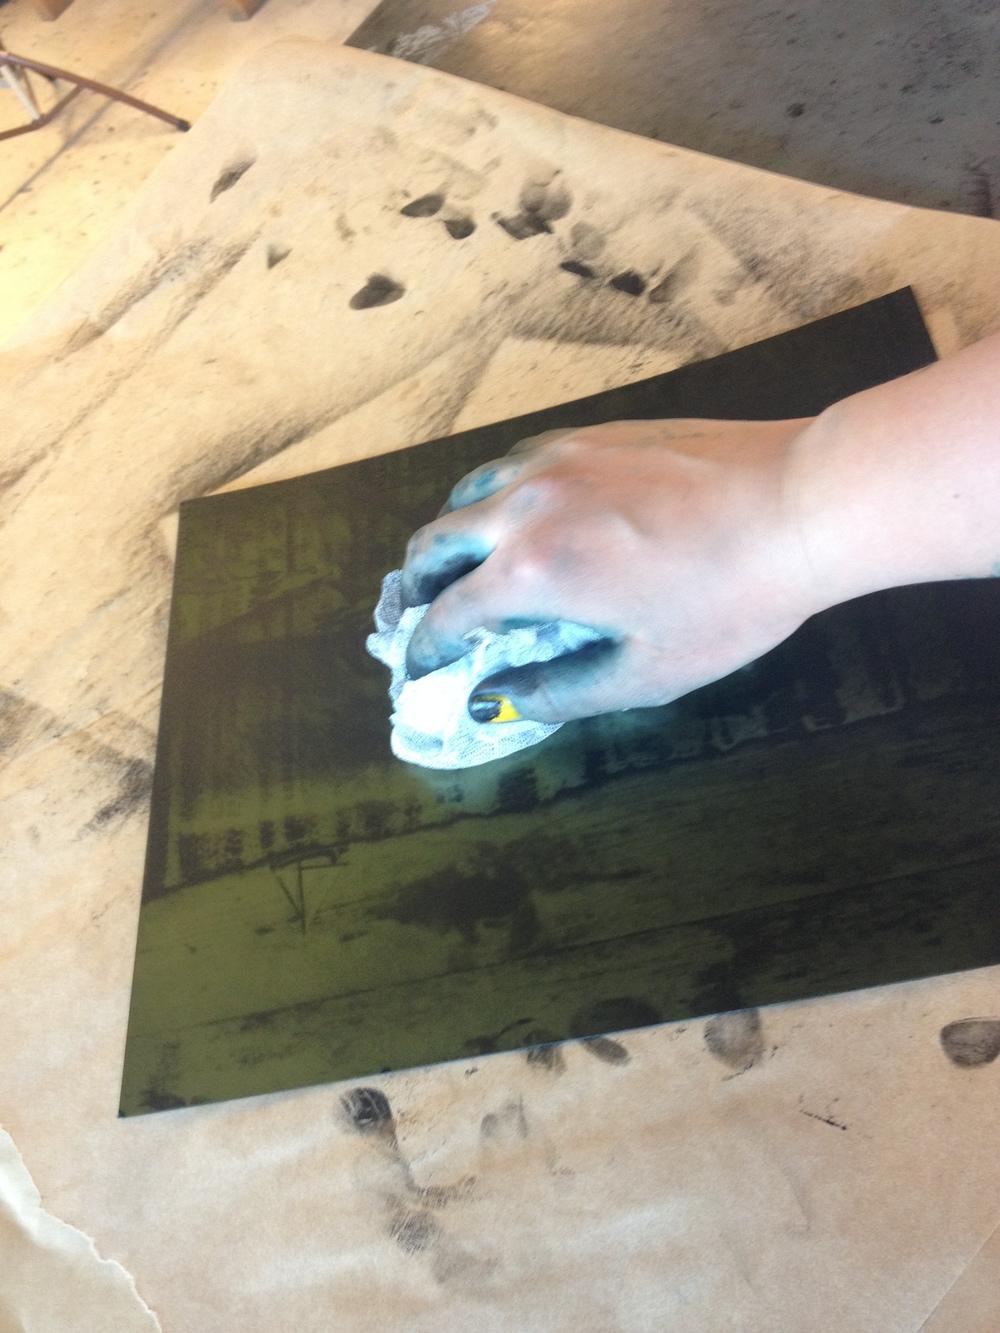 Nästa steg är att gnugga in färgen i plåten med tarlatan, ett limmat tyg som inte suger åt sig färg.